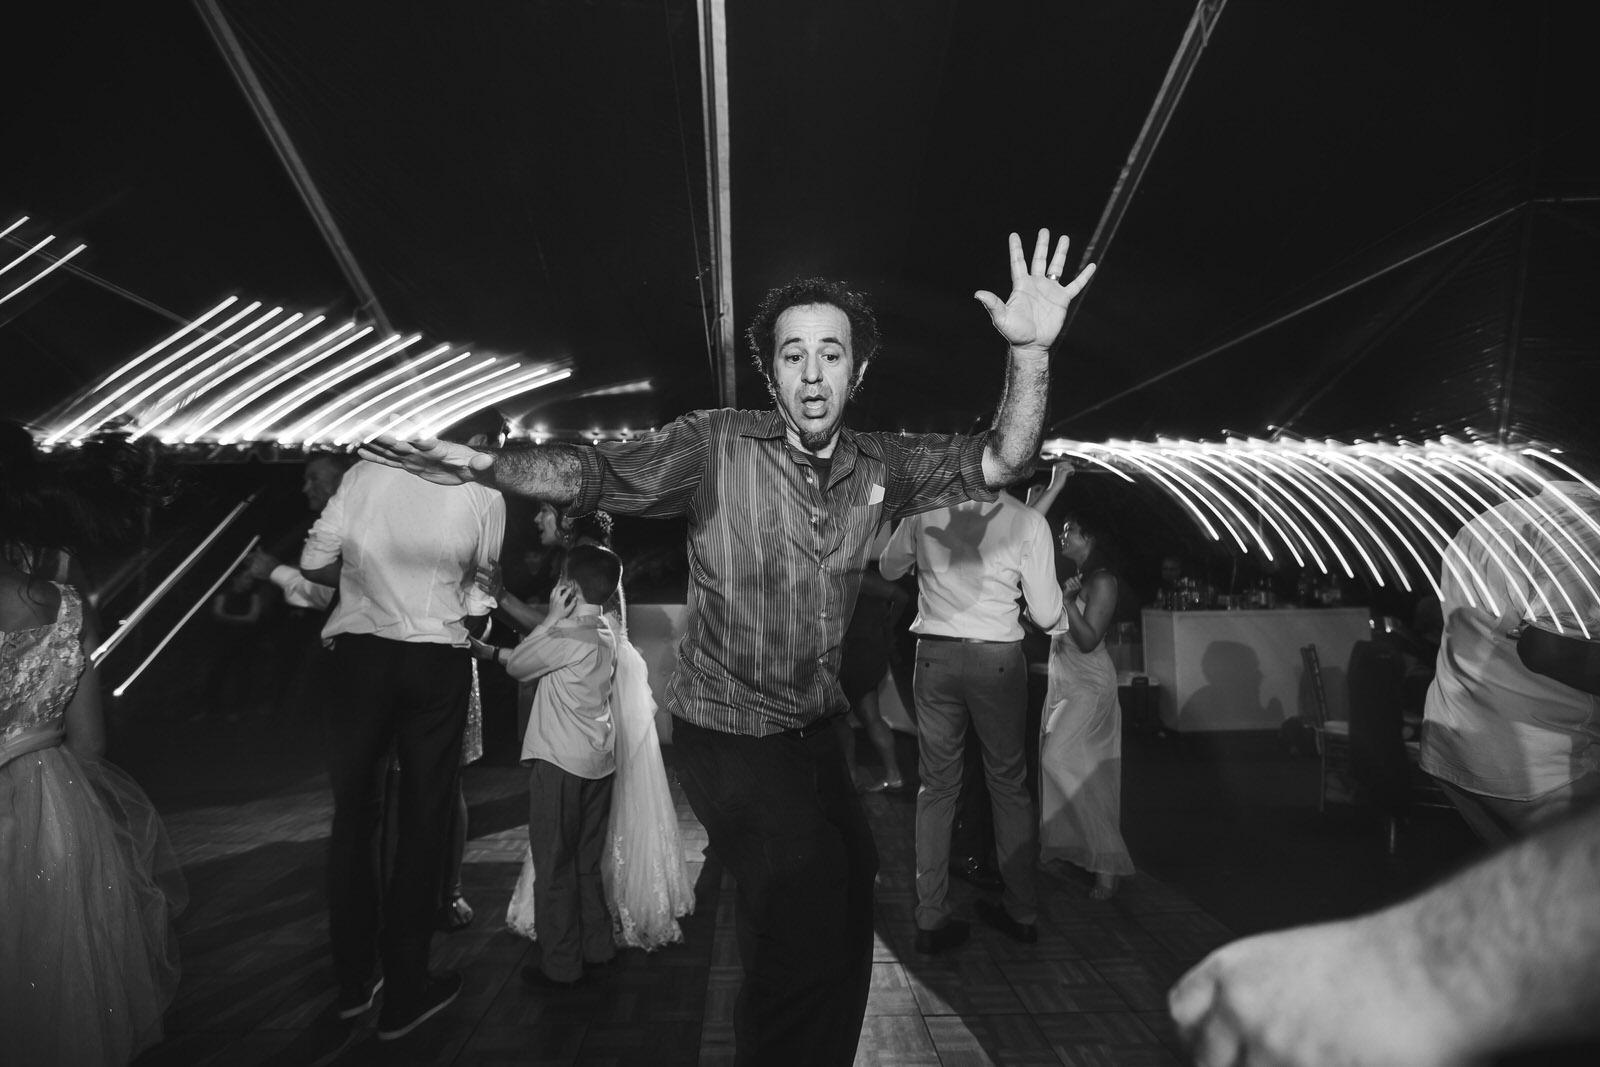 dancing_machine_black_and_white_tiny_house_photo.jpg